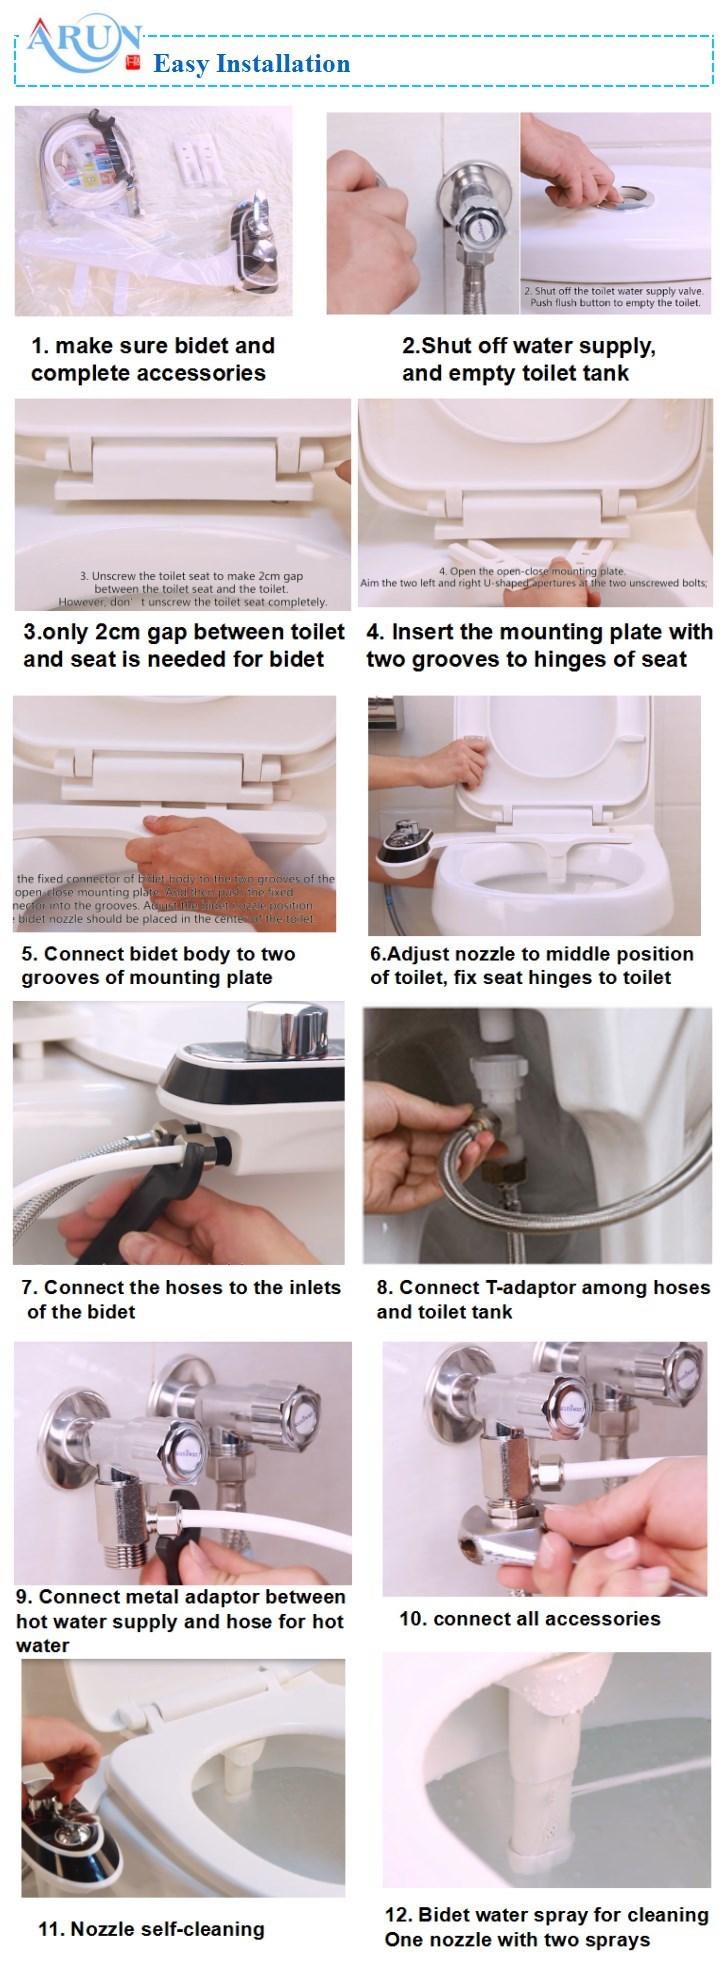 enema nozzle toilet bidet